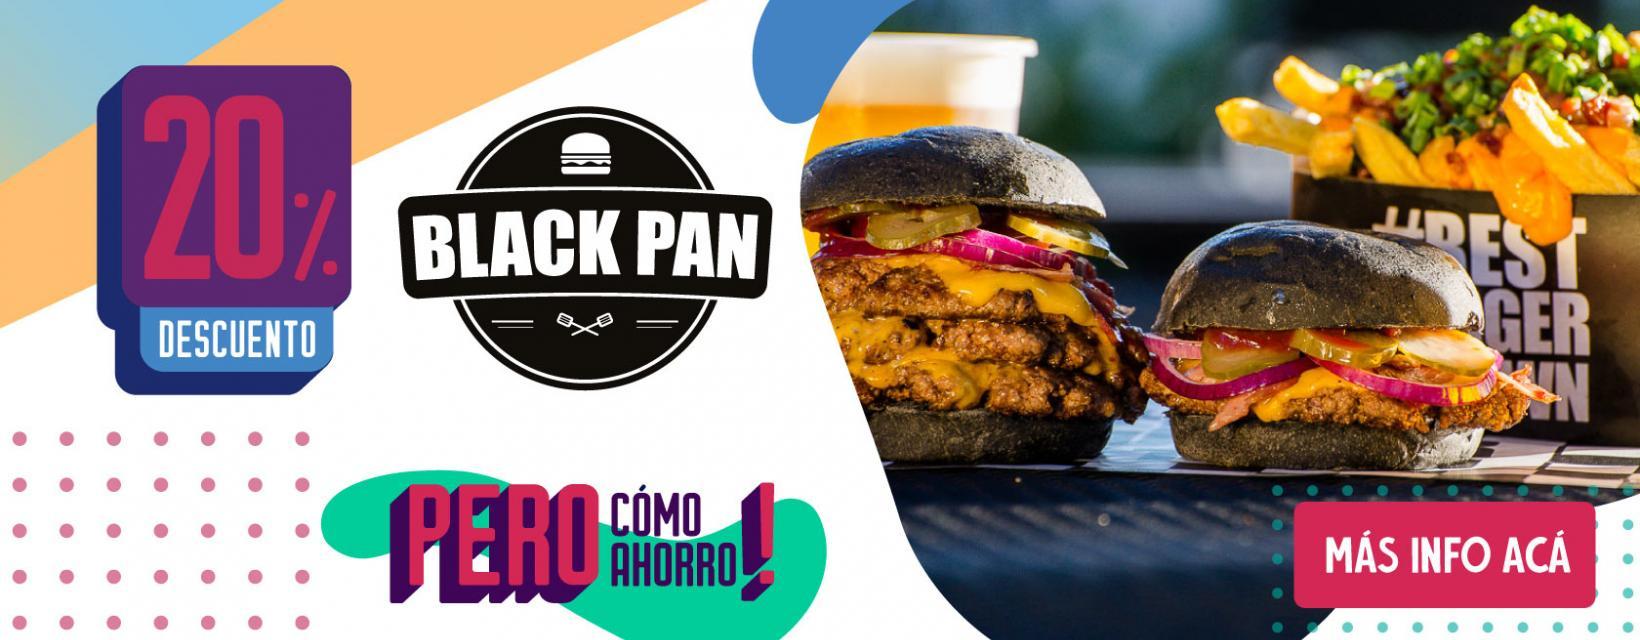 Black Pan BANNER